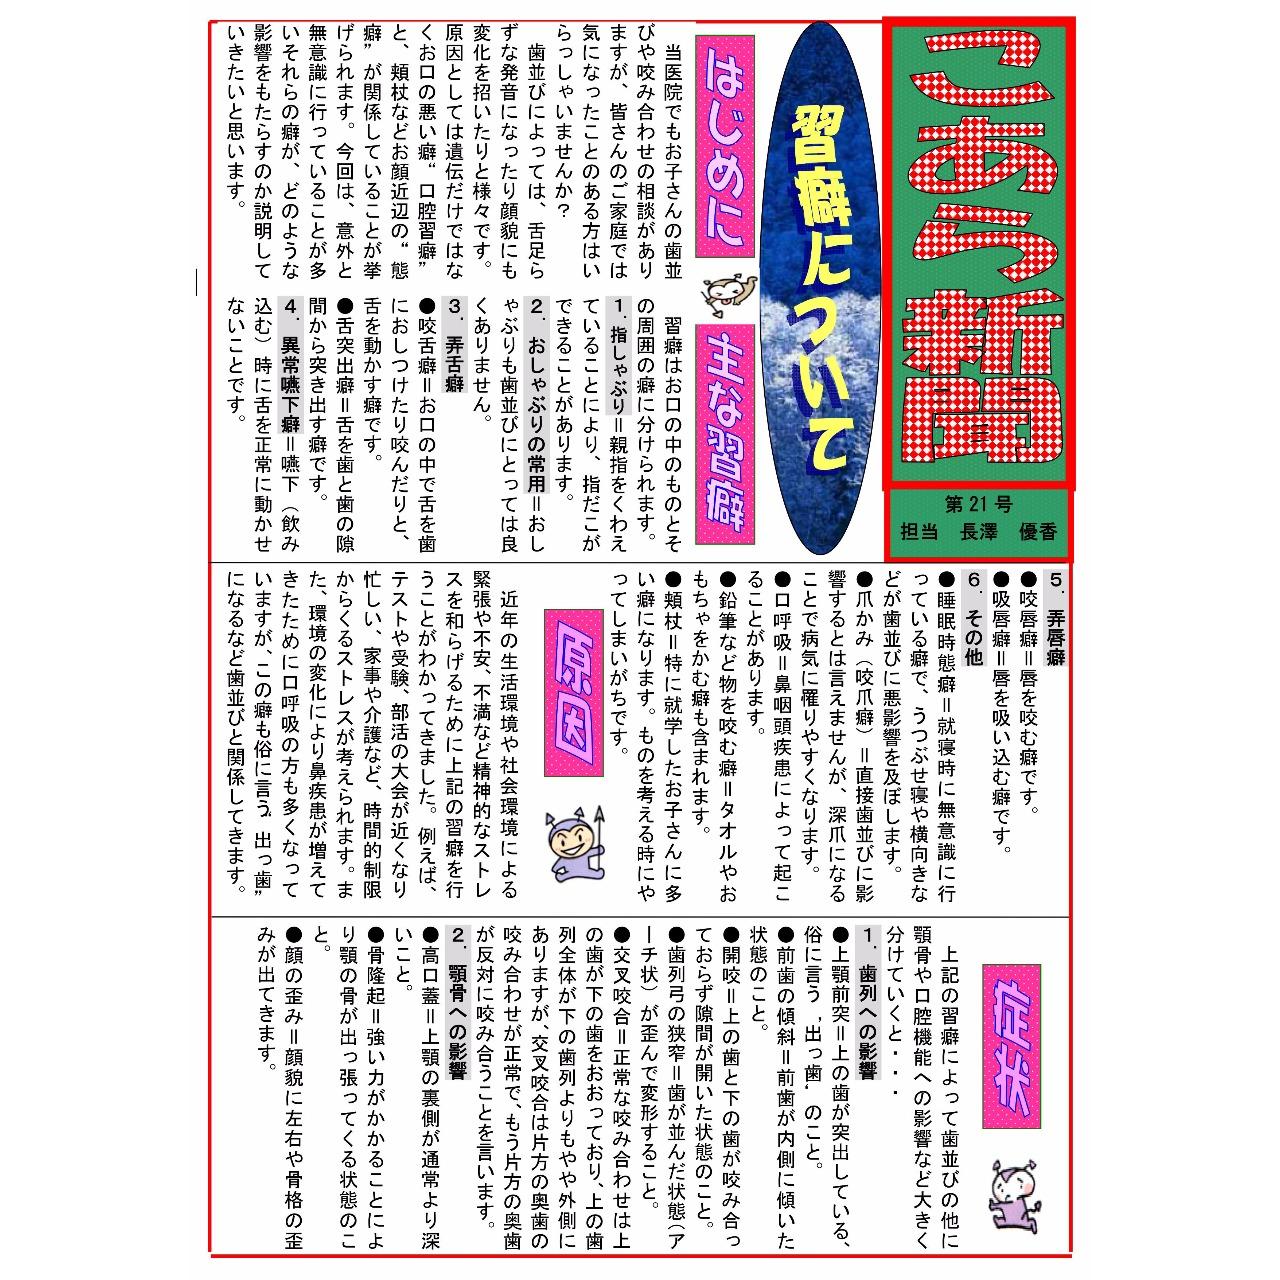 こあら新聞 第21号 担当 長澤